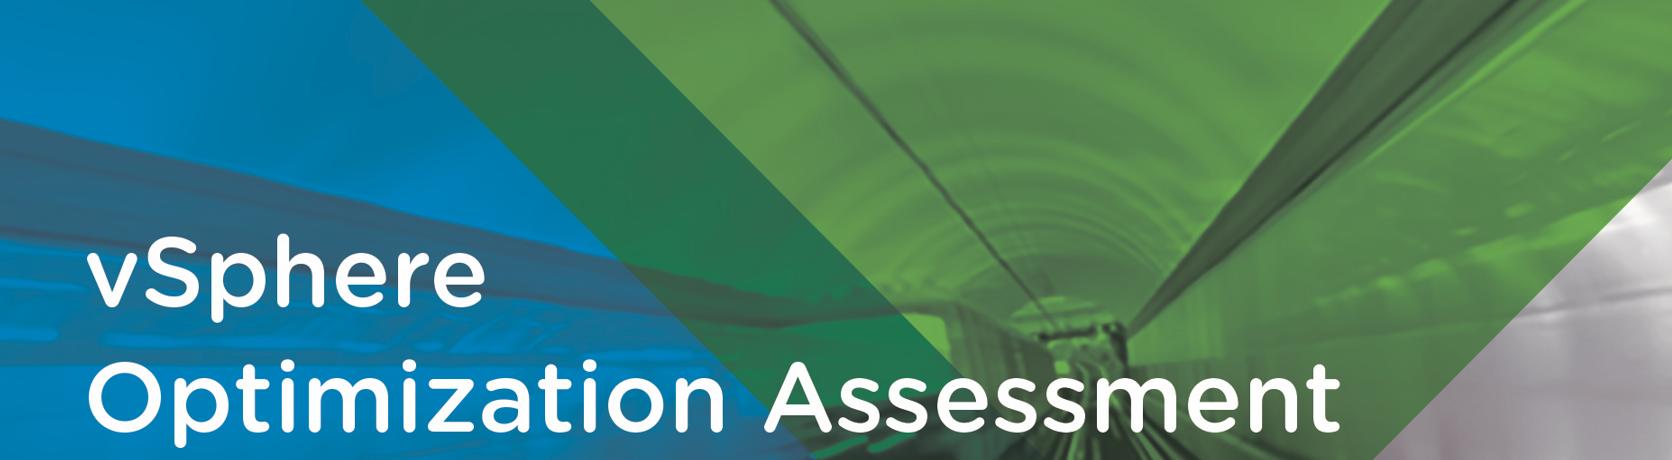 VMware vSphere Optimization Assessment 04.27.17